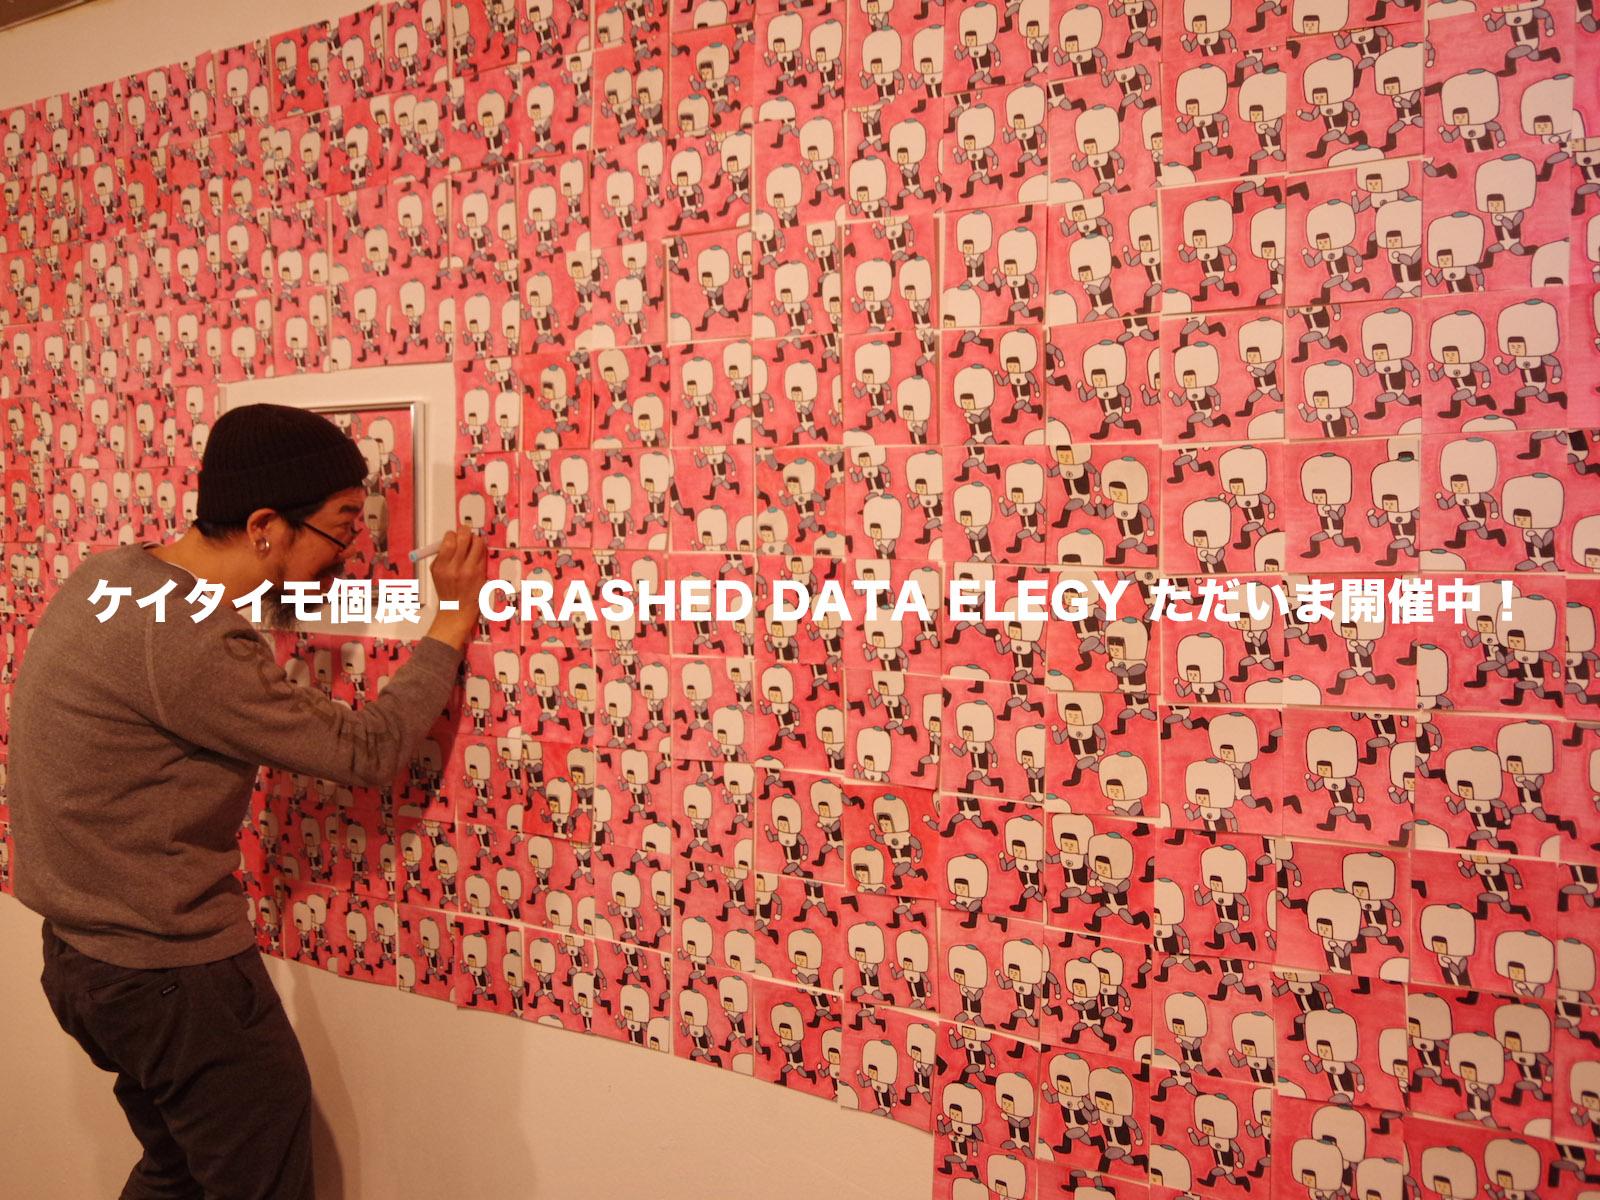 ケイタイモ個展 – CRASHED DATA ELEGY ただいま開催中!